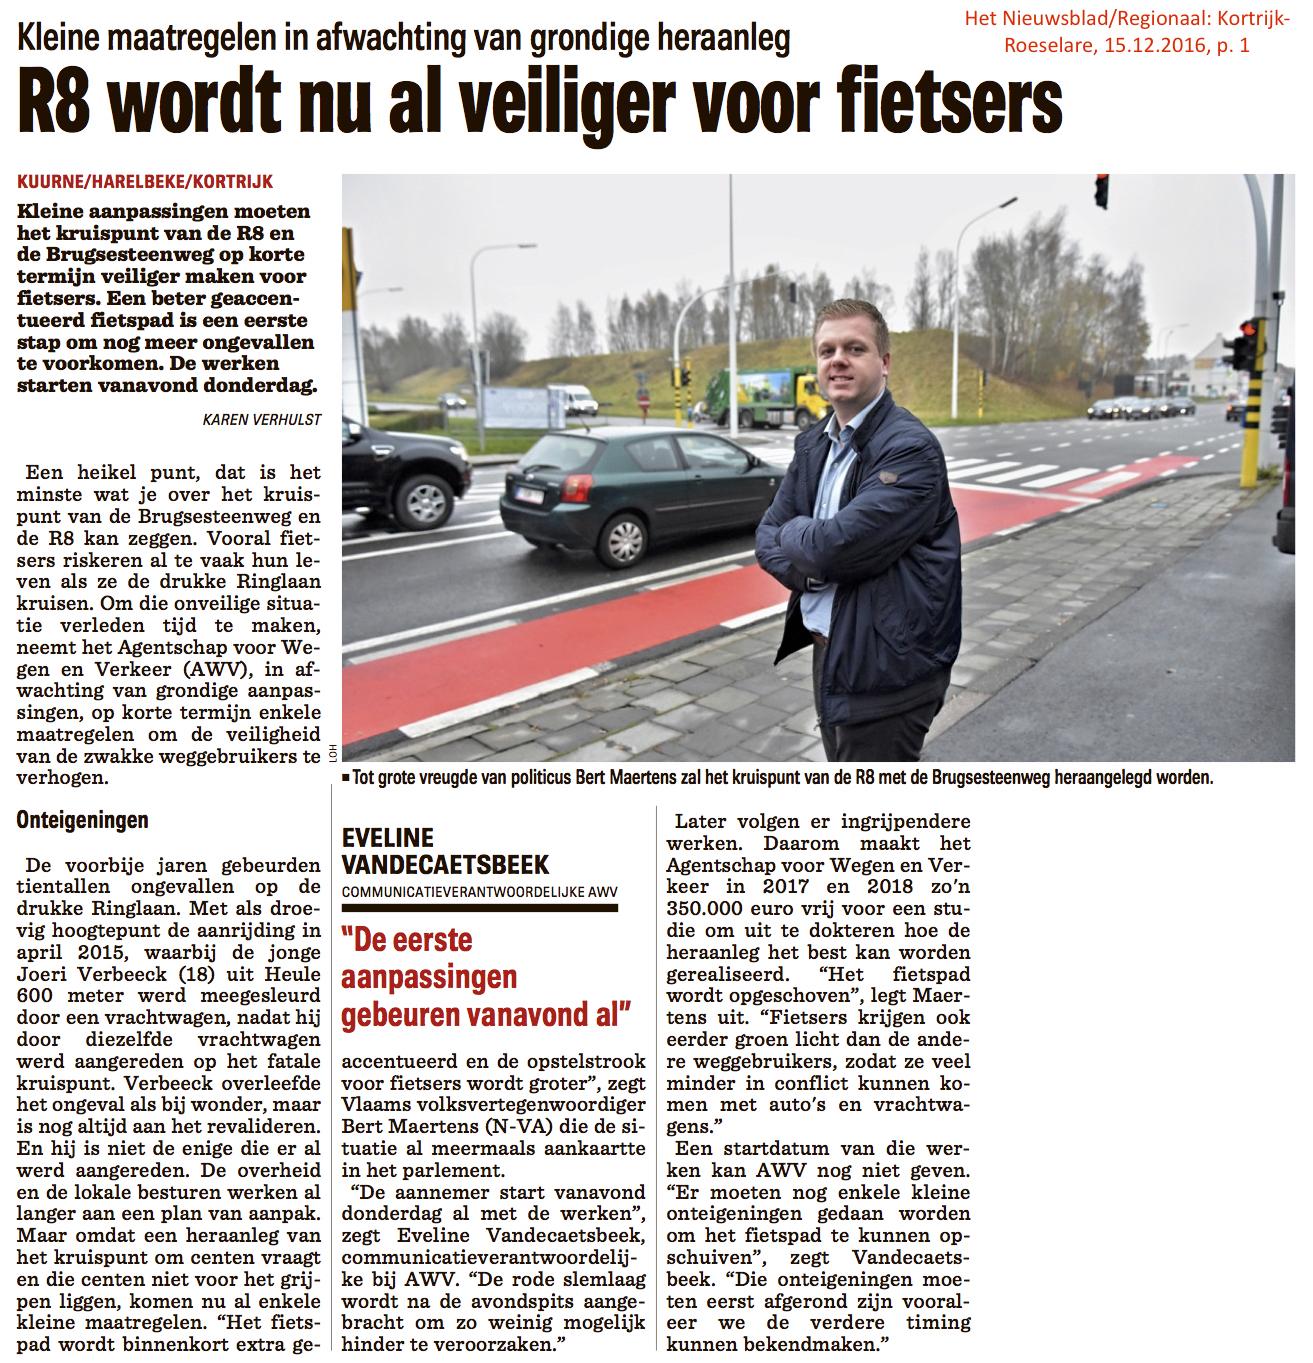 Het Nieuwsblad/Regionaal: Kortrijk-Roeselare, 15.12.2016, p. 1